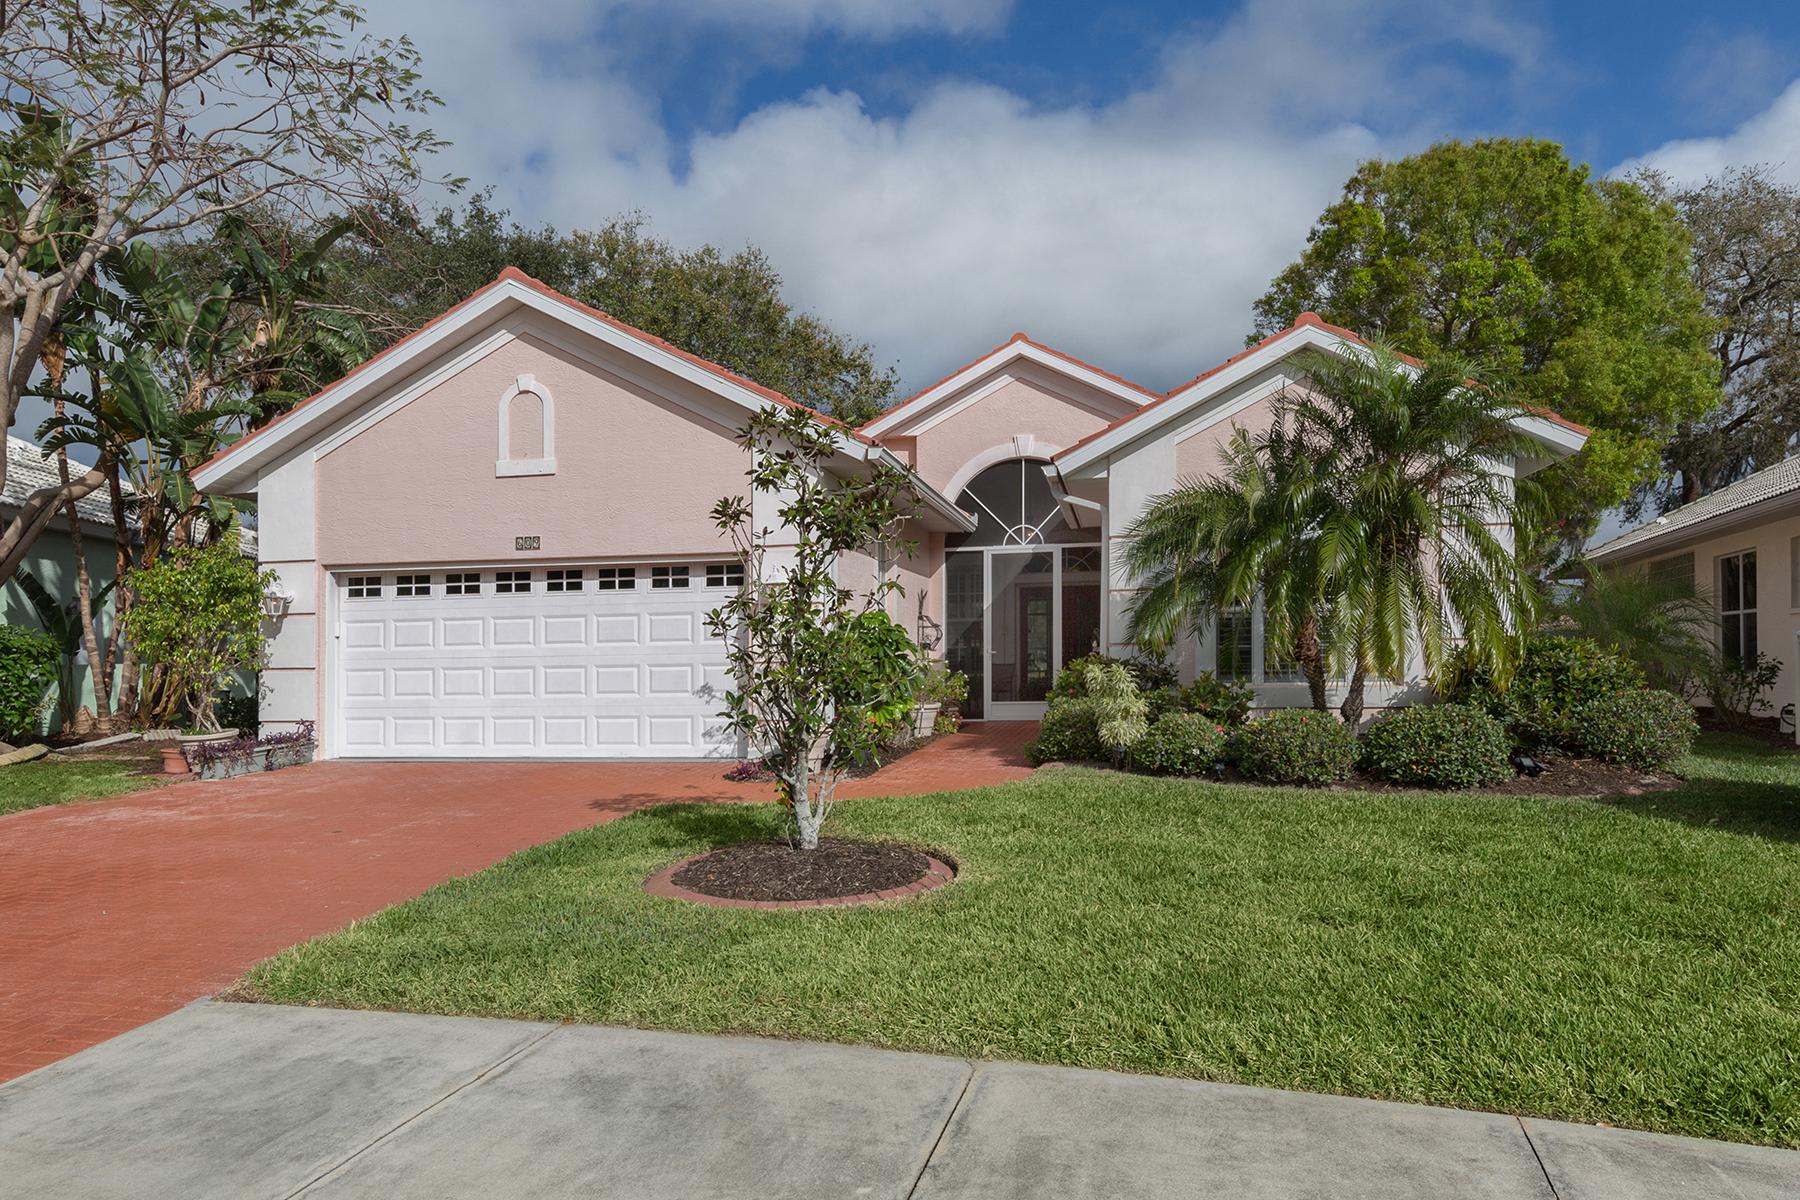 واحد منزل الأسرة للـ Sale في LAKES OF JACARANDA 609 Silk Oak Dr, Venice, Florida, 34293 United States